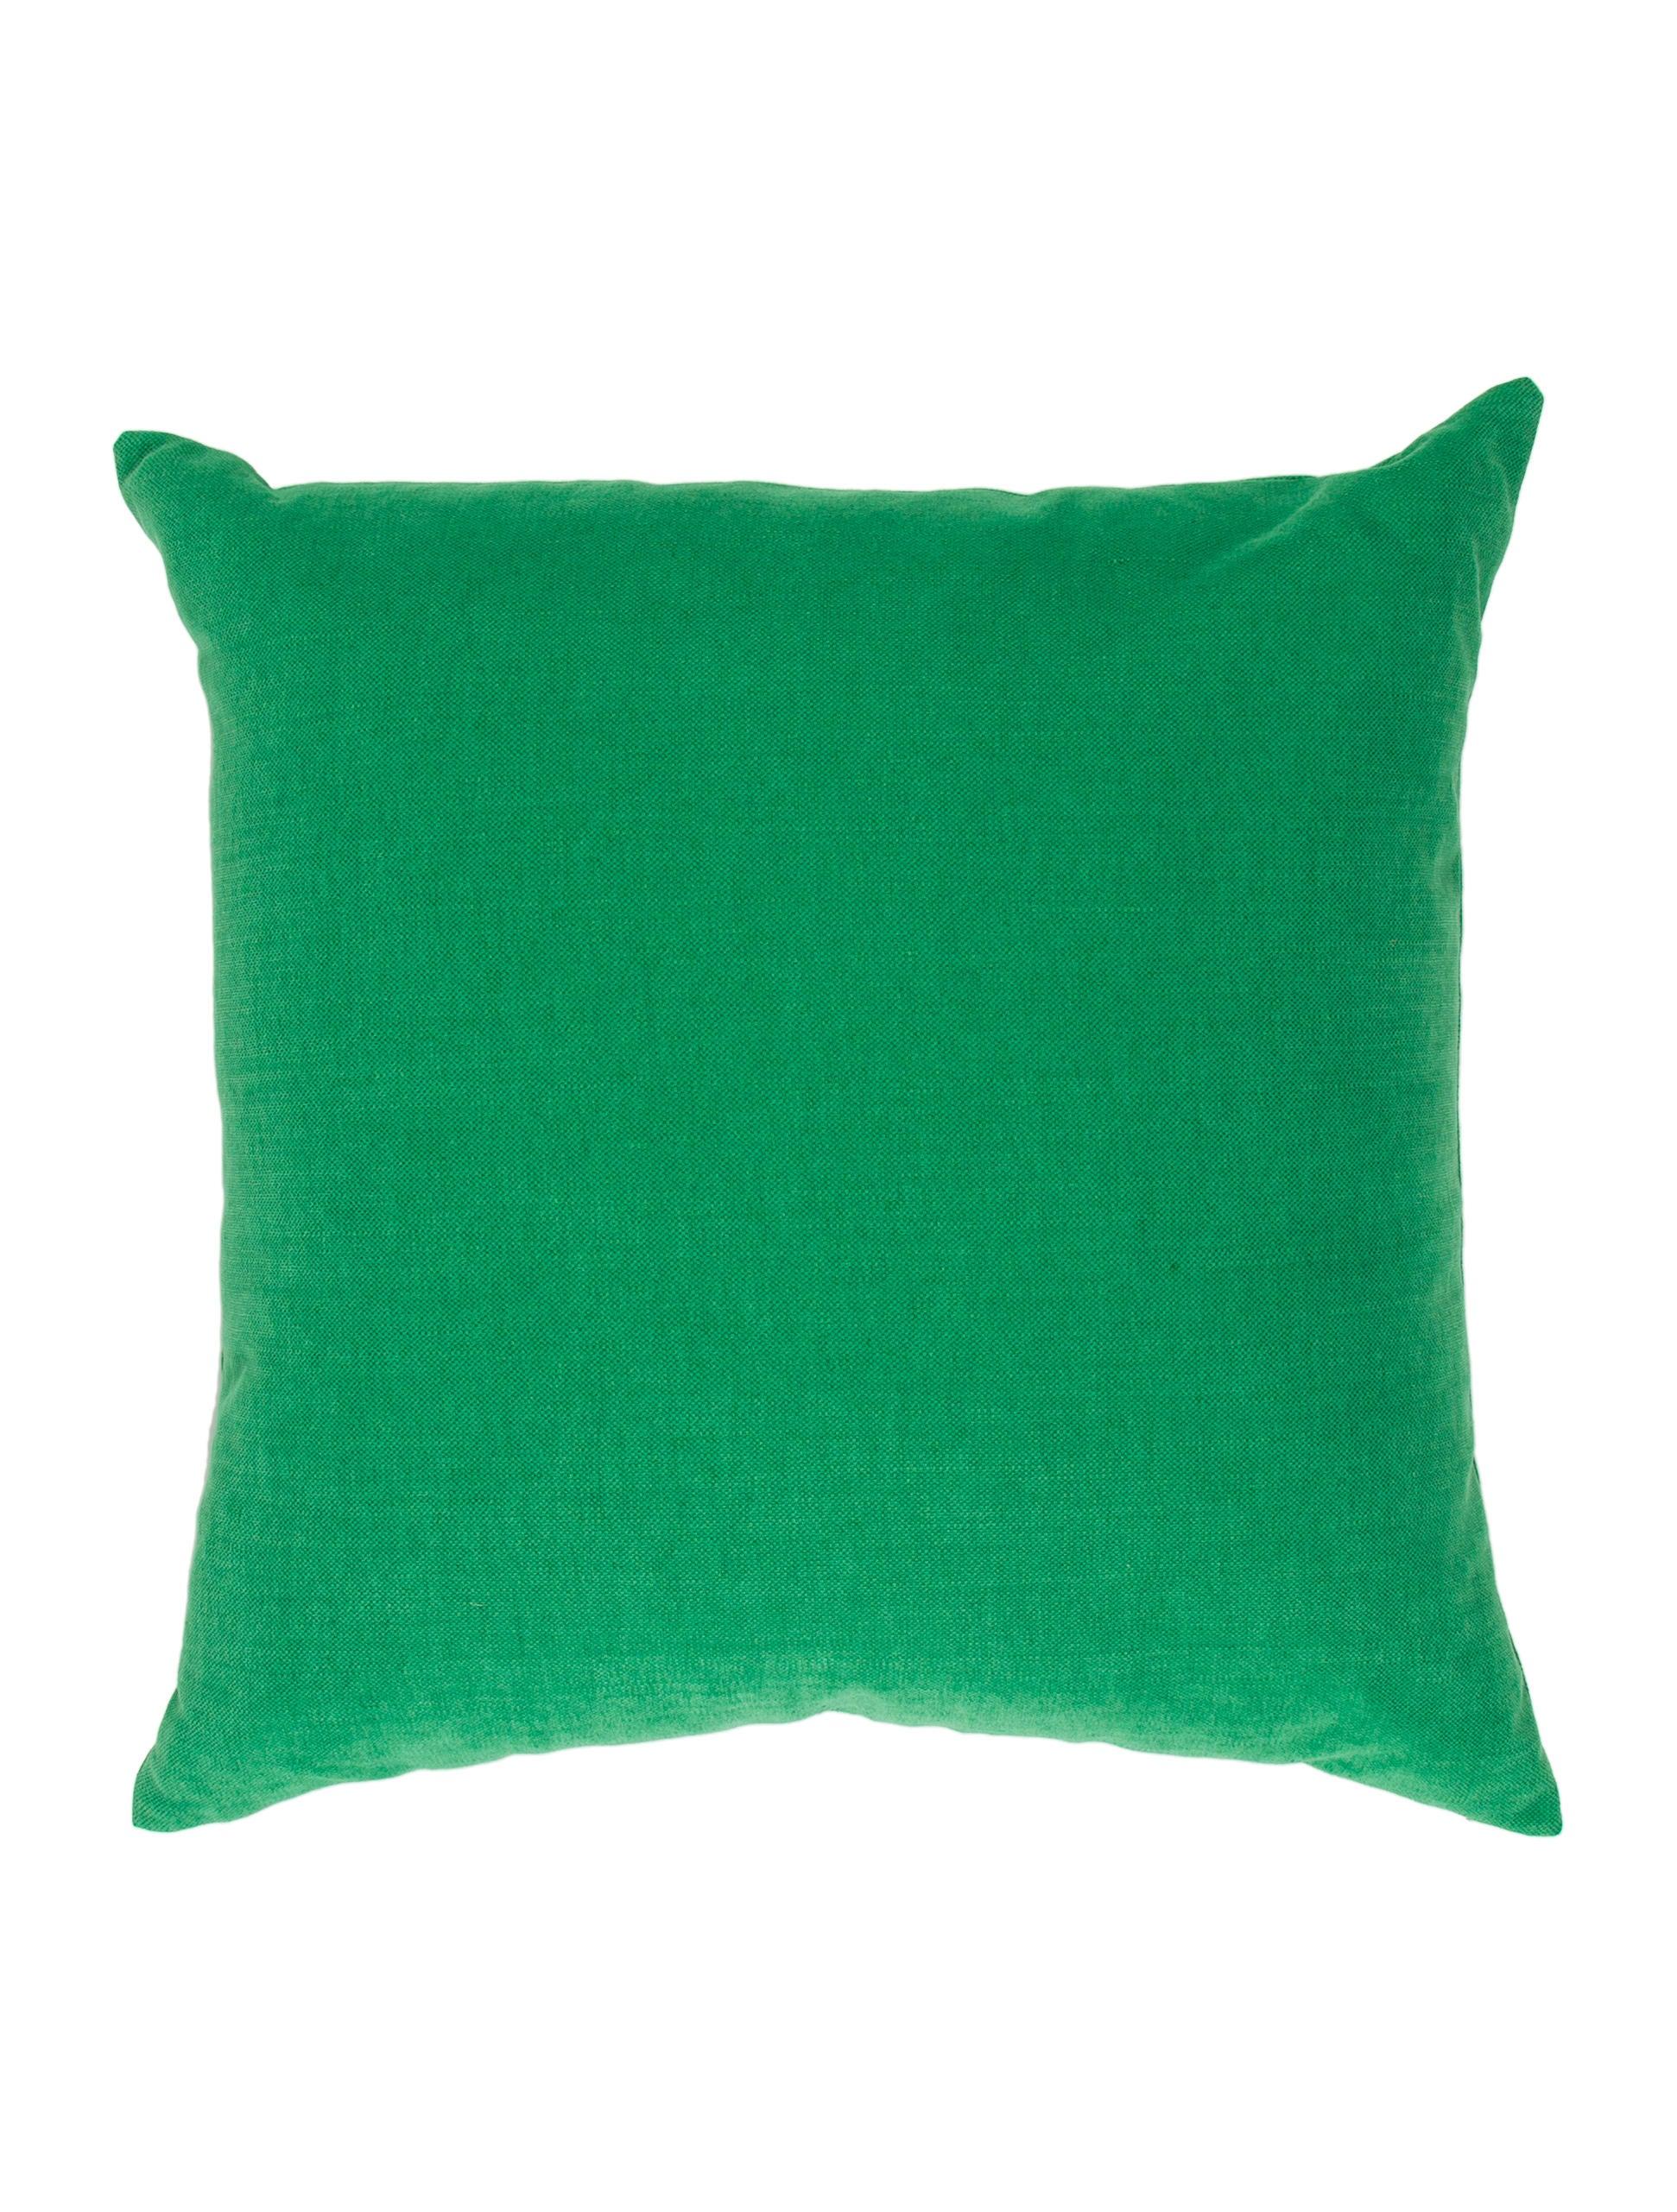 Canvas Throw Pillows - Bedding And Bath - PILLO20274 The RealReal